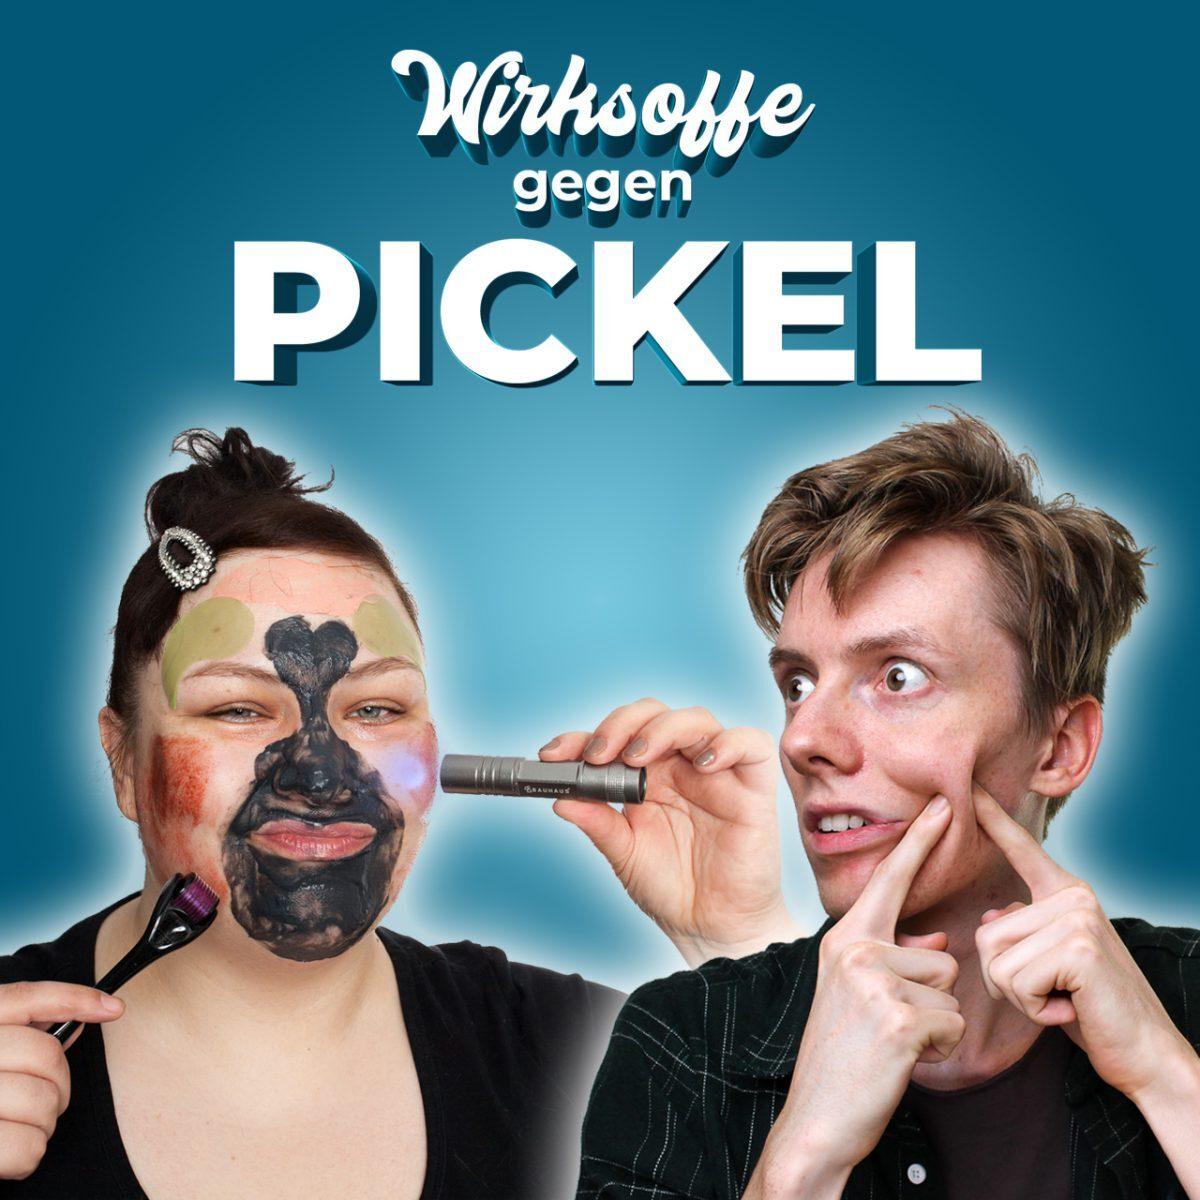 Pickel loswerden gegen Akne bekämpfen reduzieren Wirkstoffe gegen Pimples Acne heilen